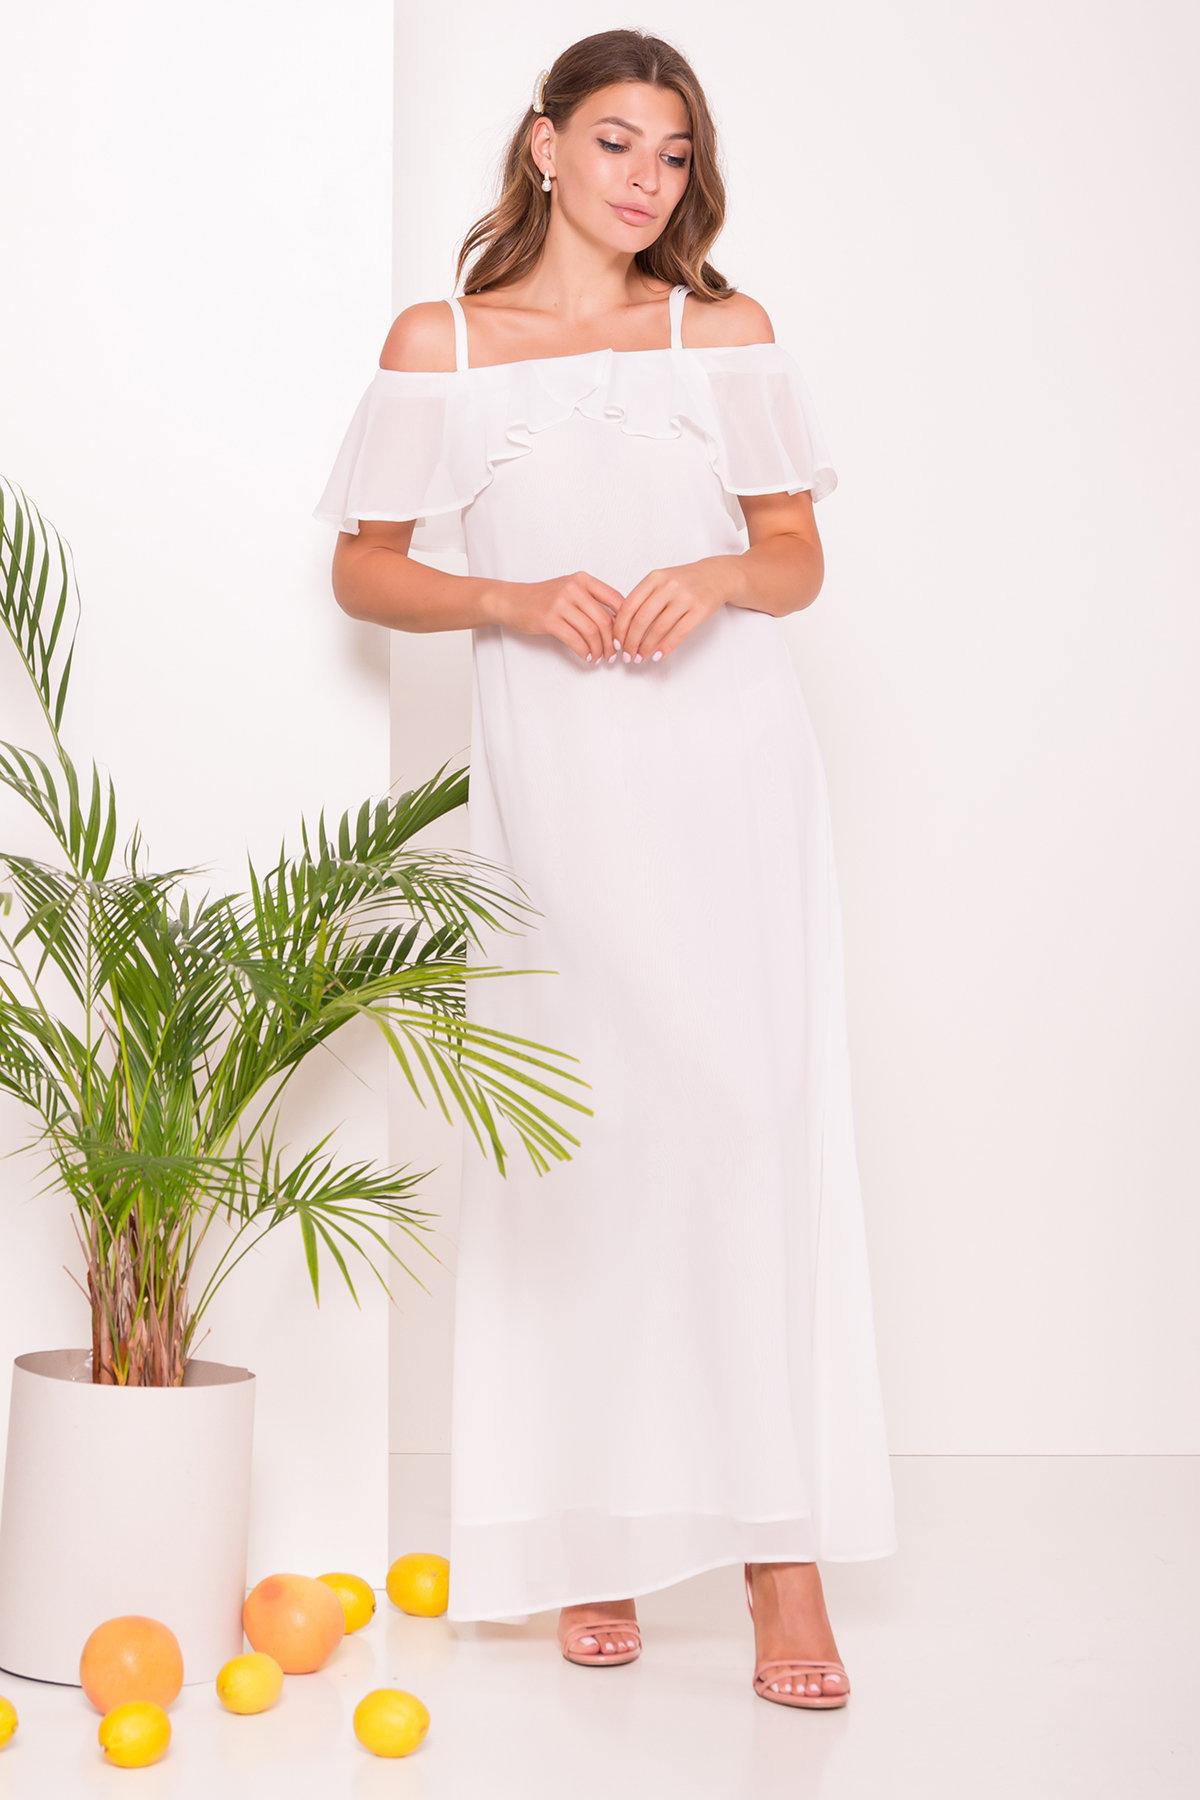 Платье Пикабу 7449 АРТ. 43244 Цвет: Молоко - фото 3, интернет магазин tm-modus.ru